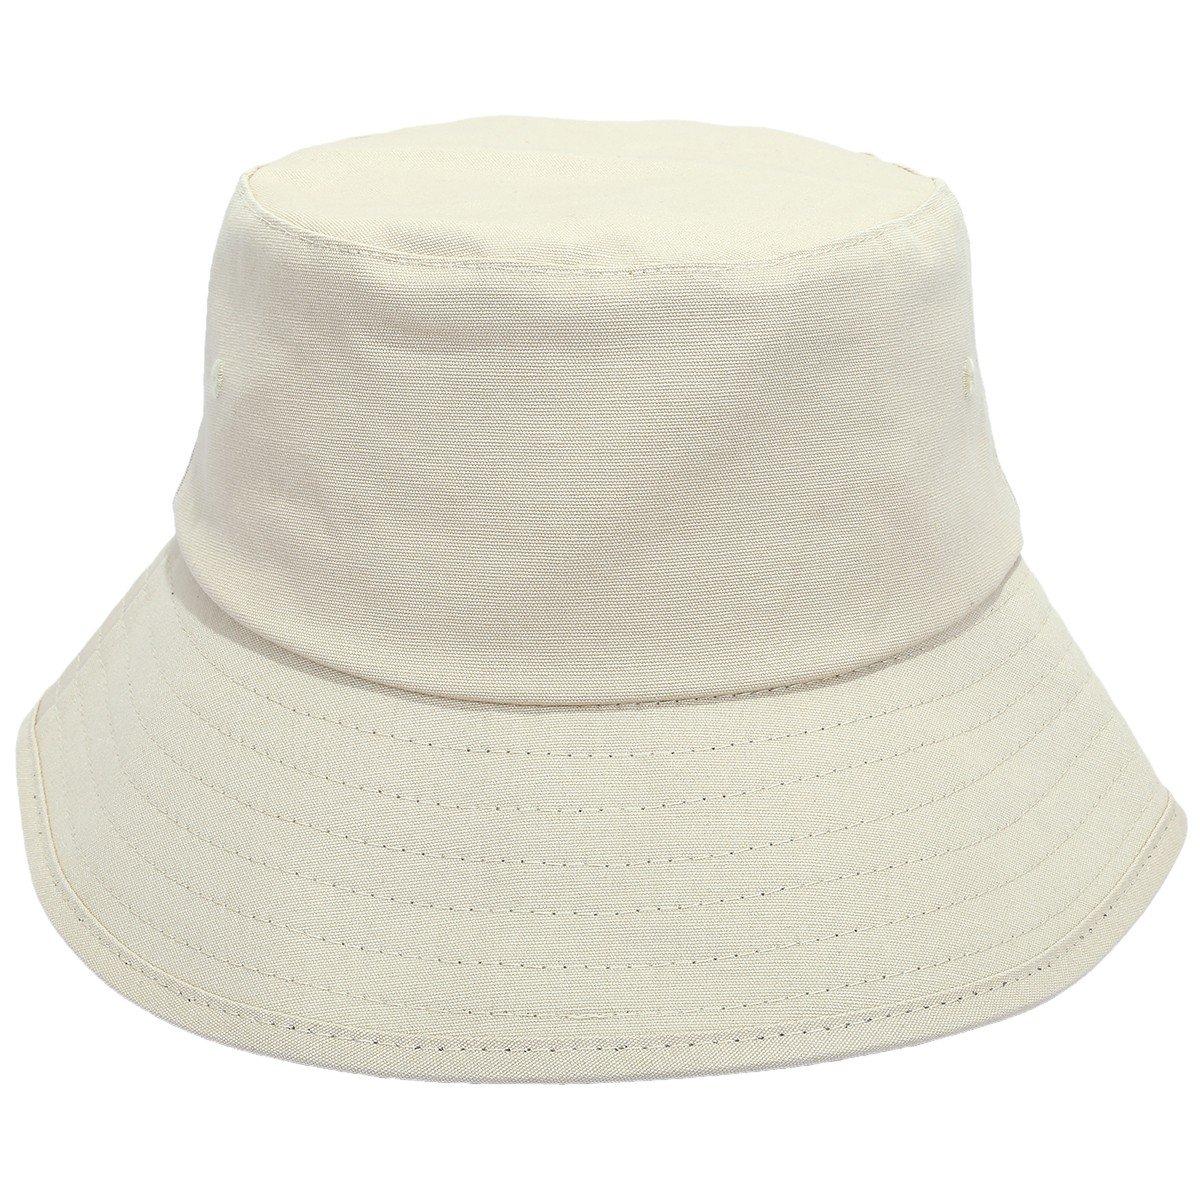 Sportmusies Bucket Hats for Men Women, Packable Outdoor Sun Hat Travel Fishing Cap